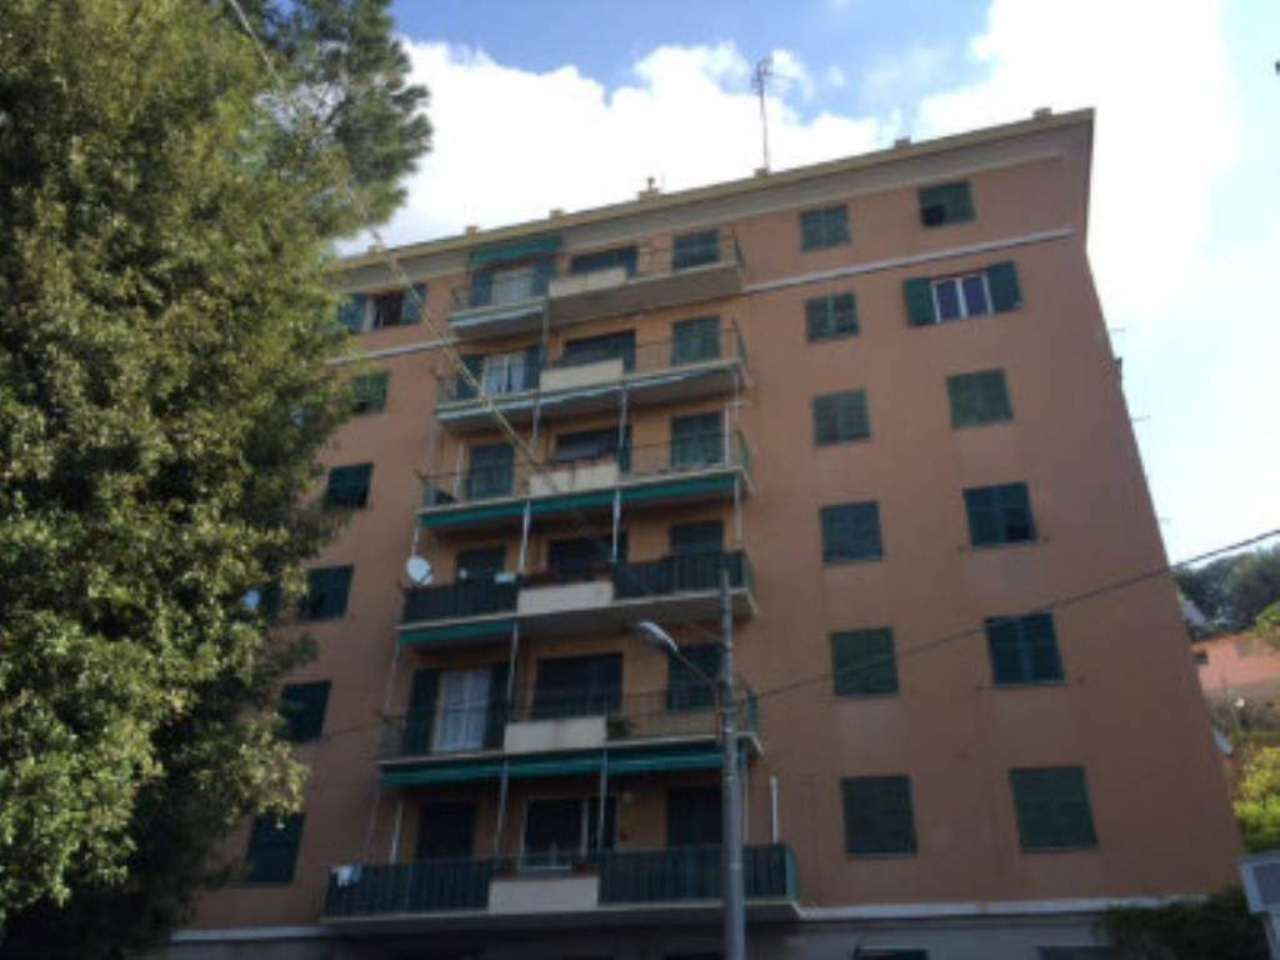 Bilocale Genova Via Reggio 12